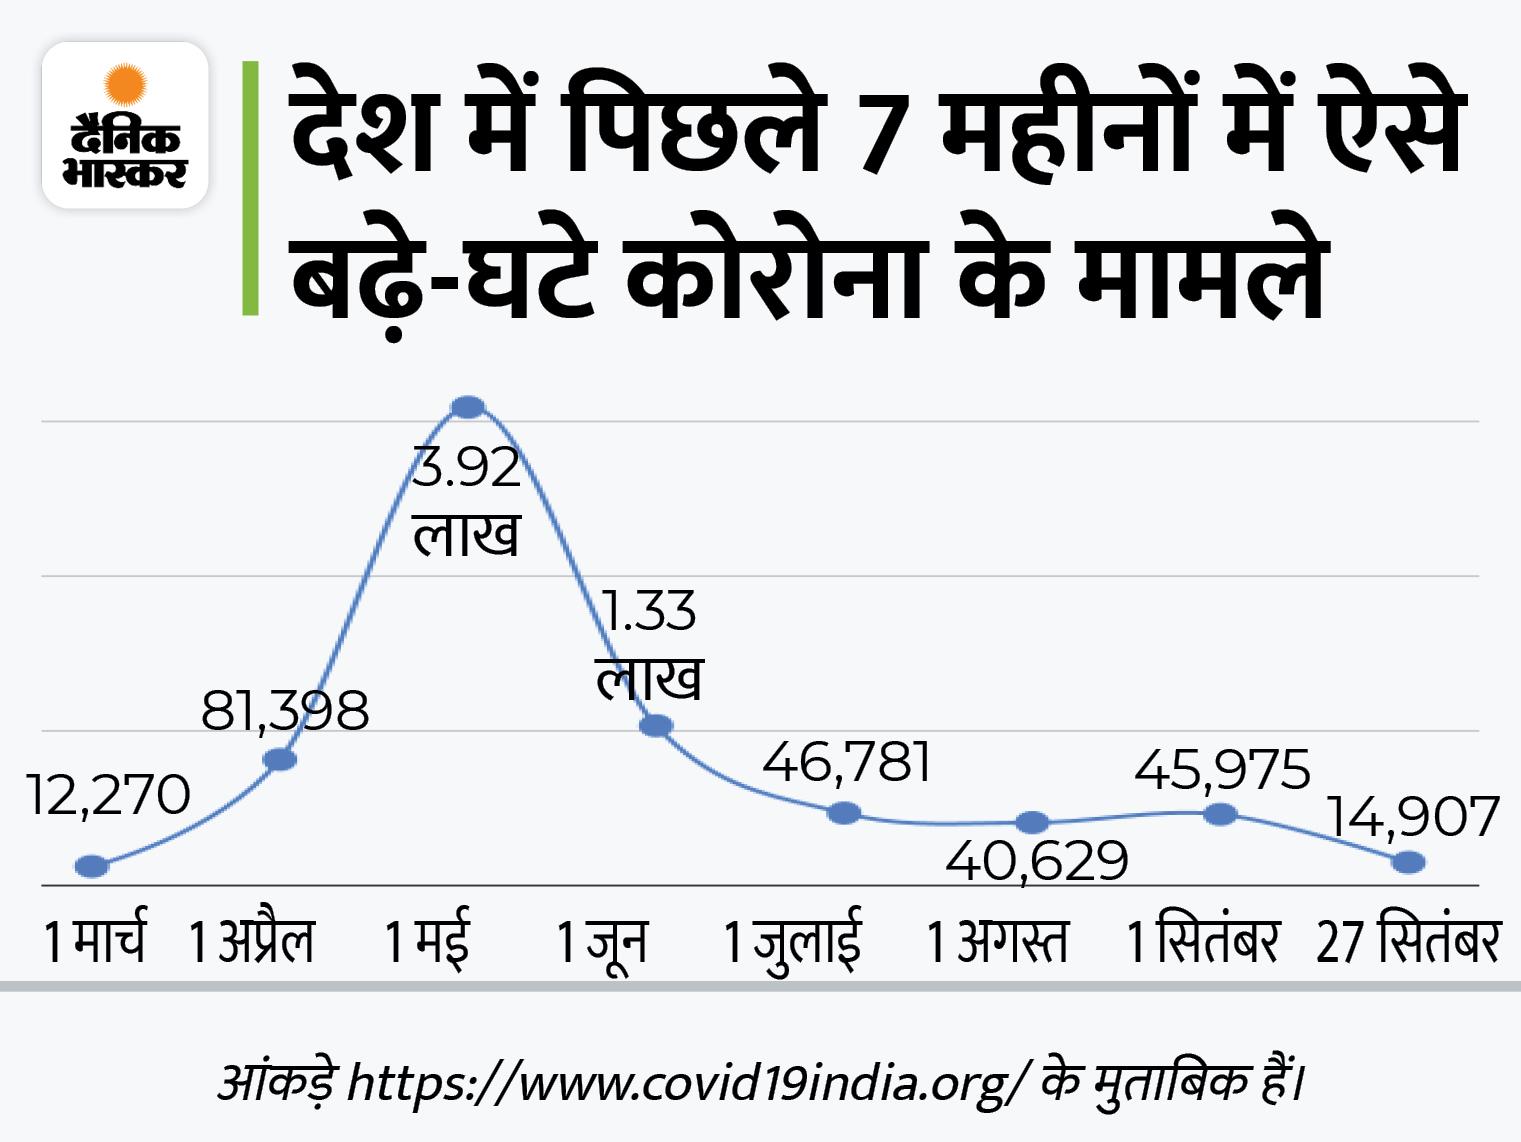 24 घंटे में कोरोना के 14902 नए केस आए, यह करीब 7 महीने में सबसे कम; अब सिर्फ 2.84 लाख मरीजों का इलाज चल रहा|देश,National - Dainik Bhaskar